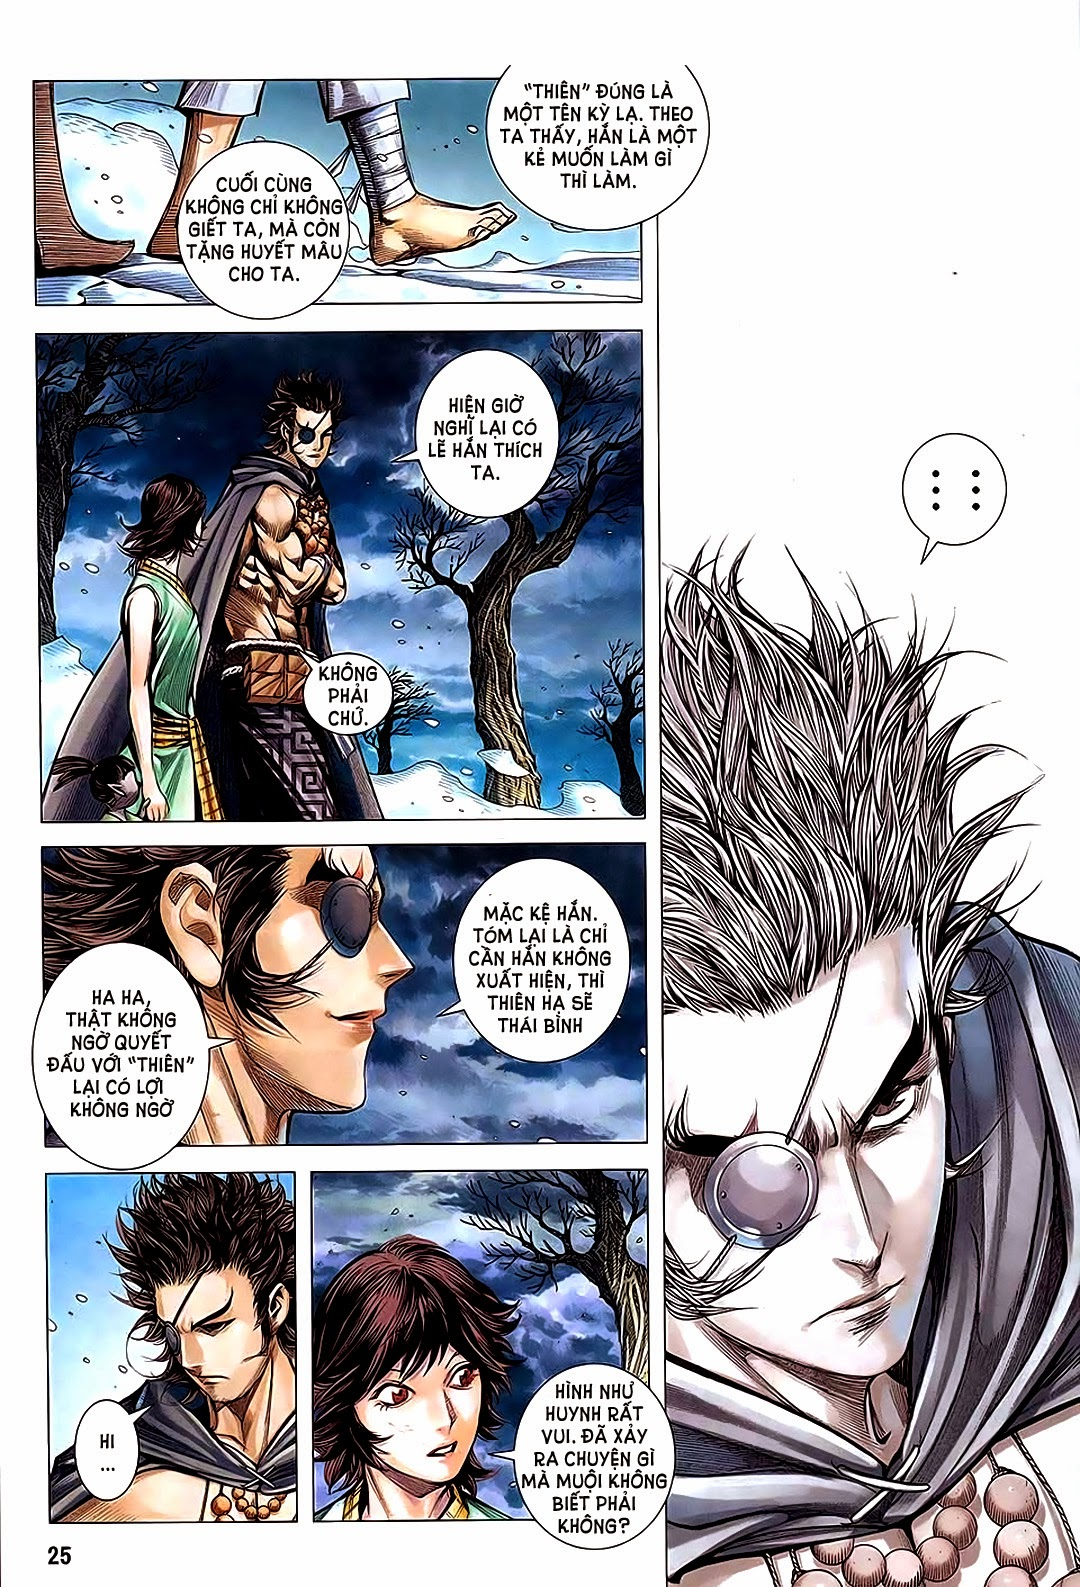 Phong Thần Ký chap 182 – End Trang 25 - Mangak.info